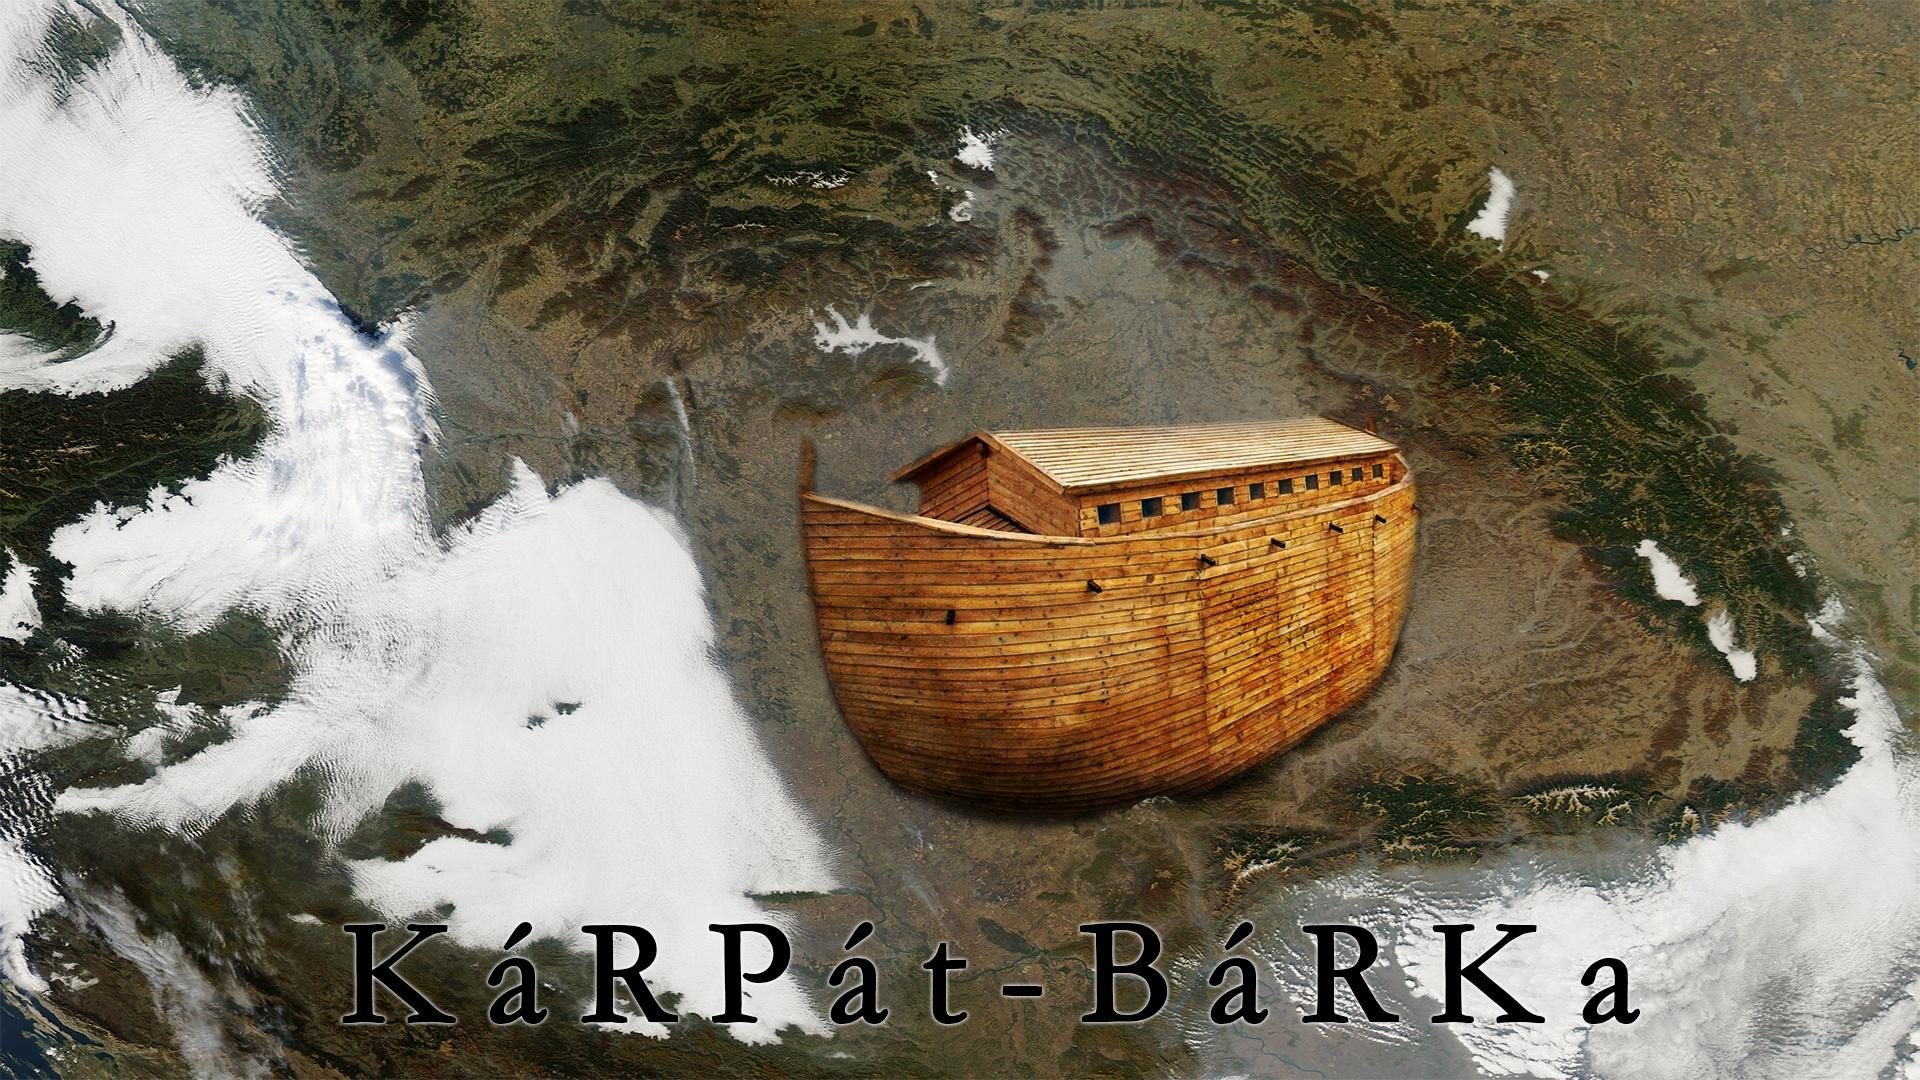 barka - karpat 01 (1).jpg